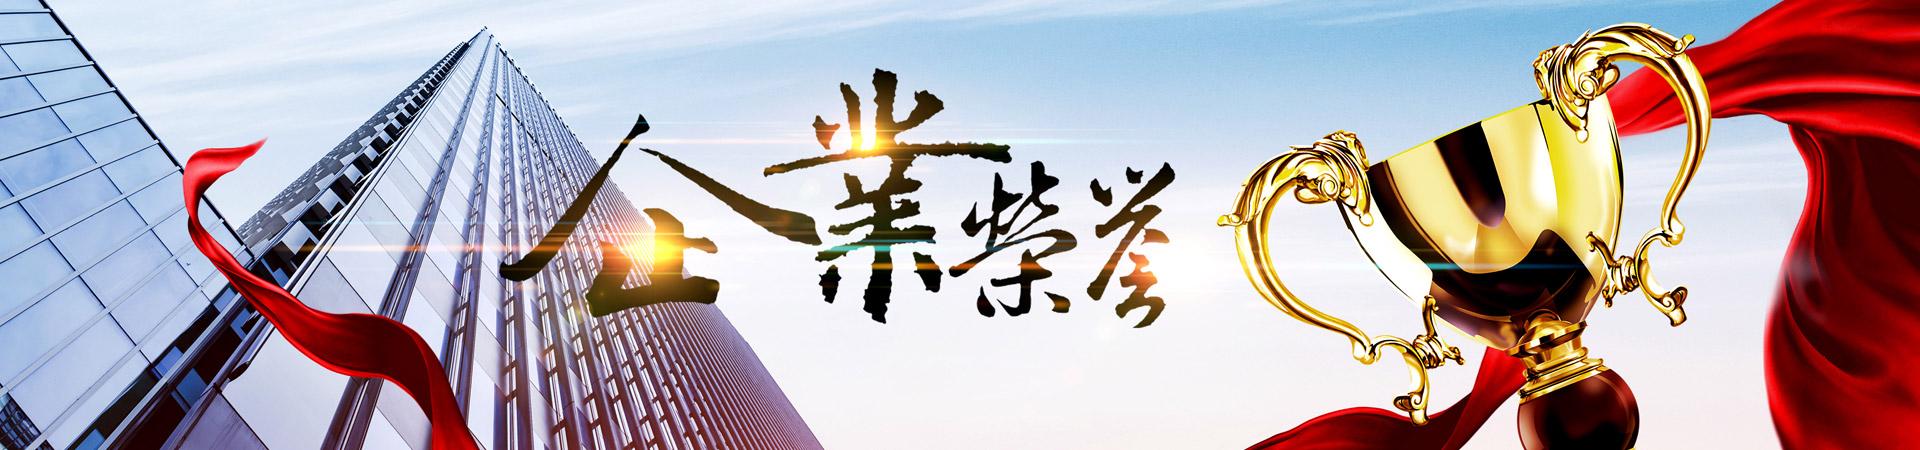 上海明珠企业集团有限公司荣誉资质